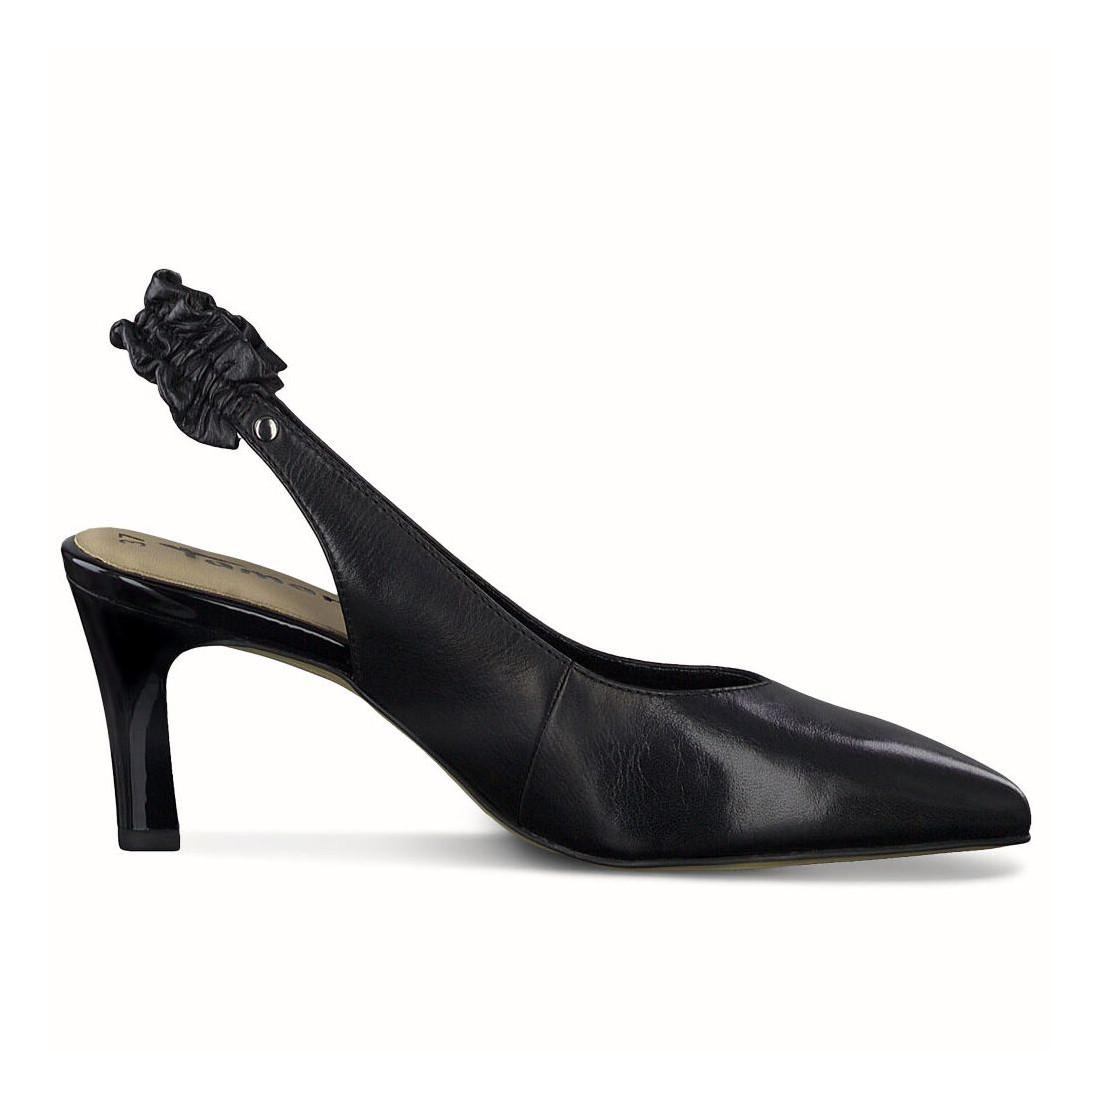 Black leather Tamaris sling back shoes